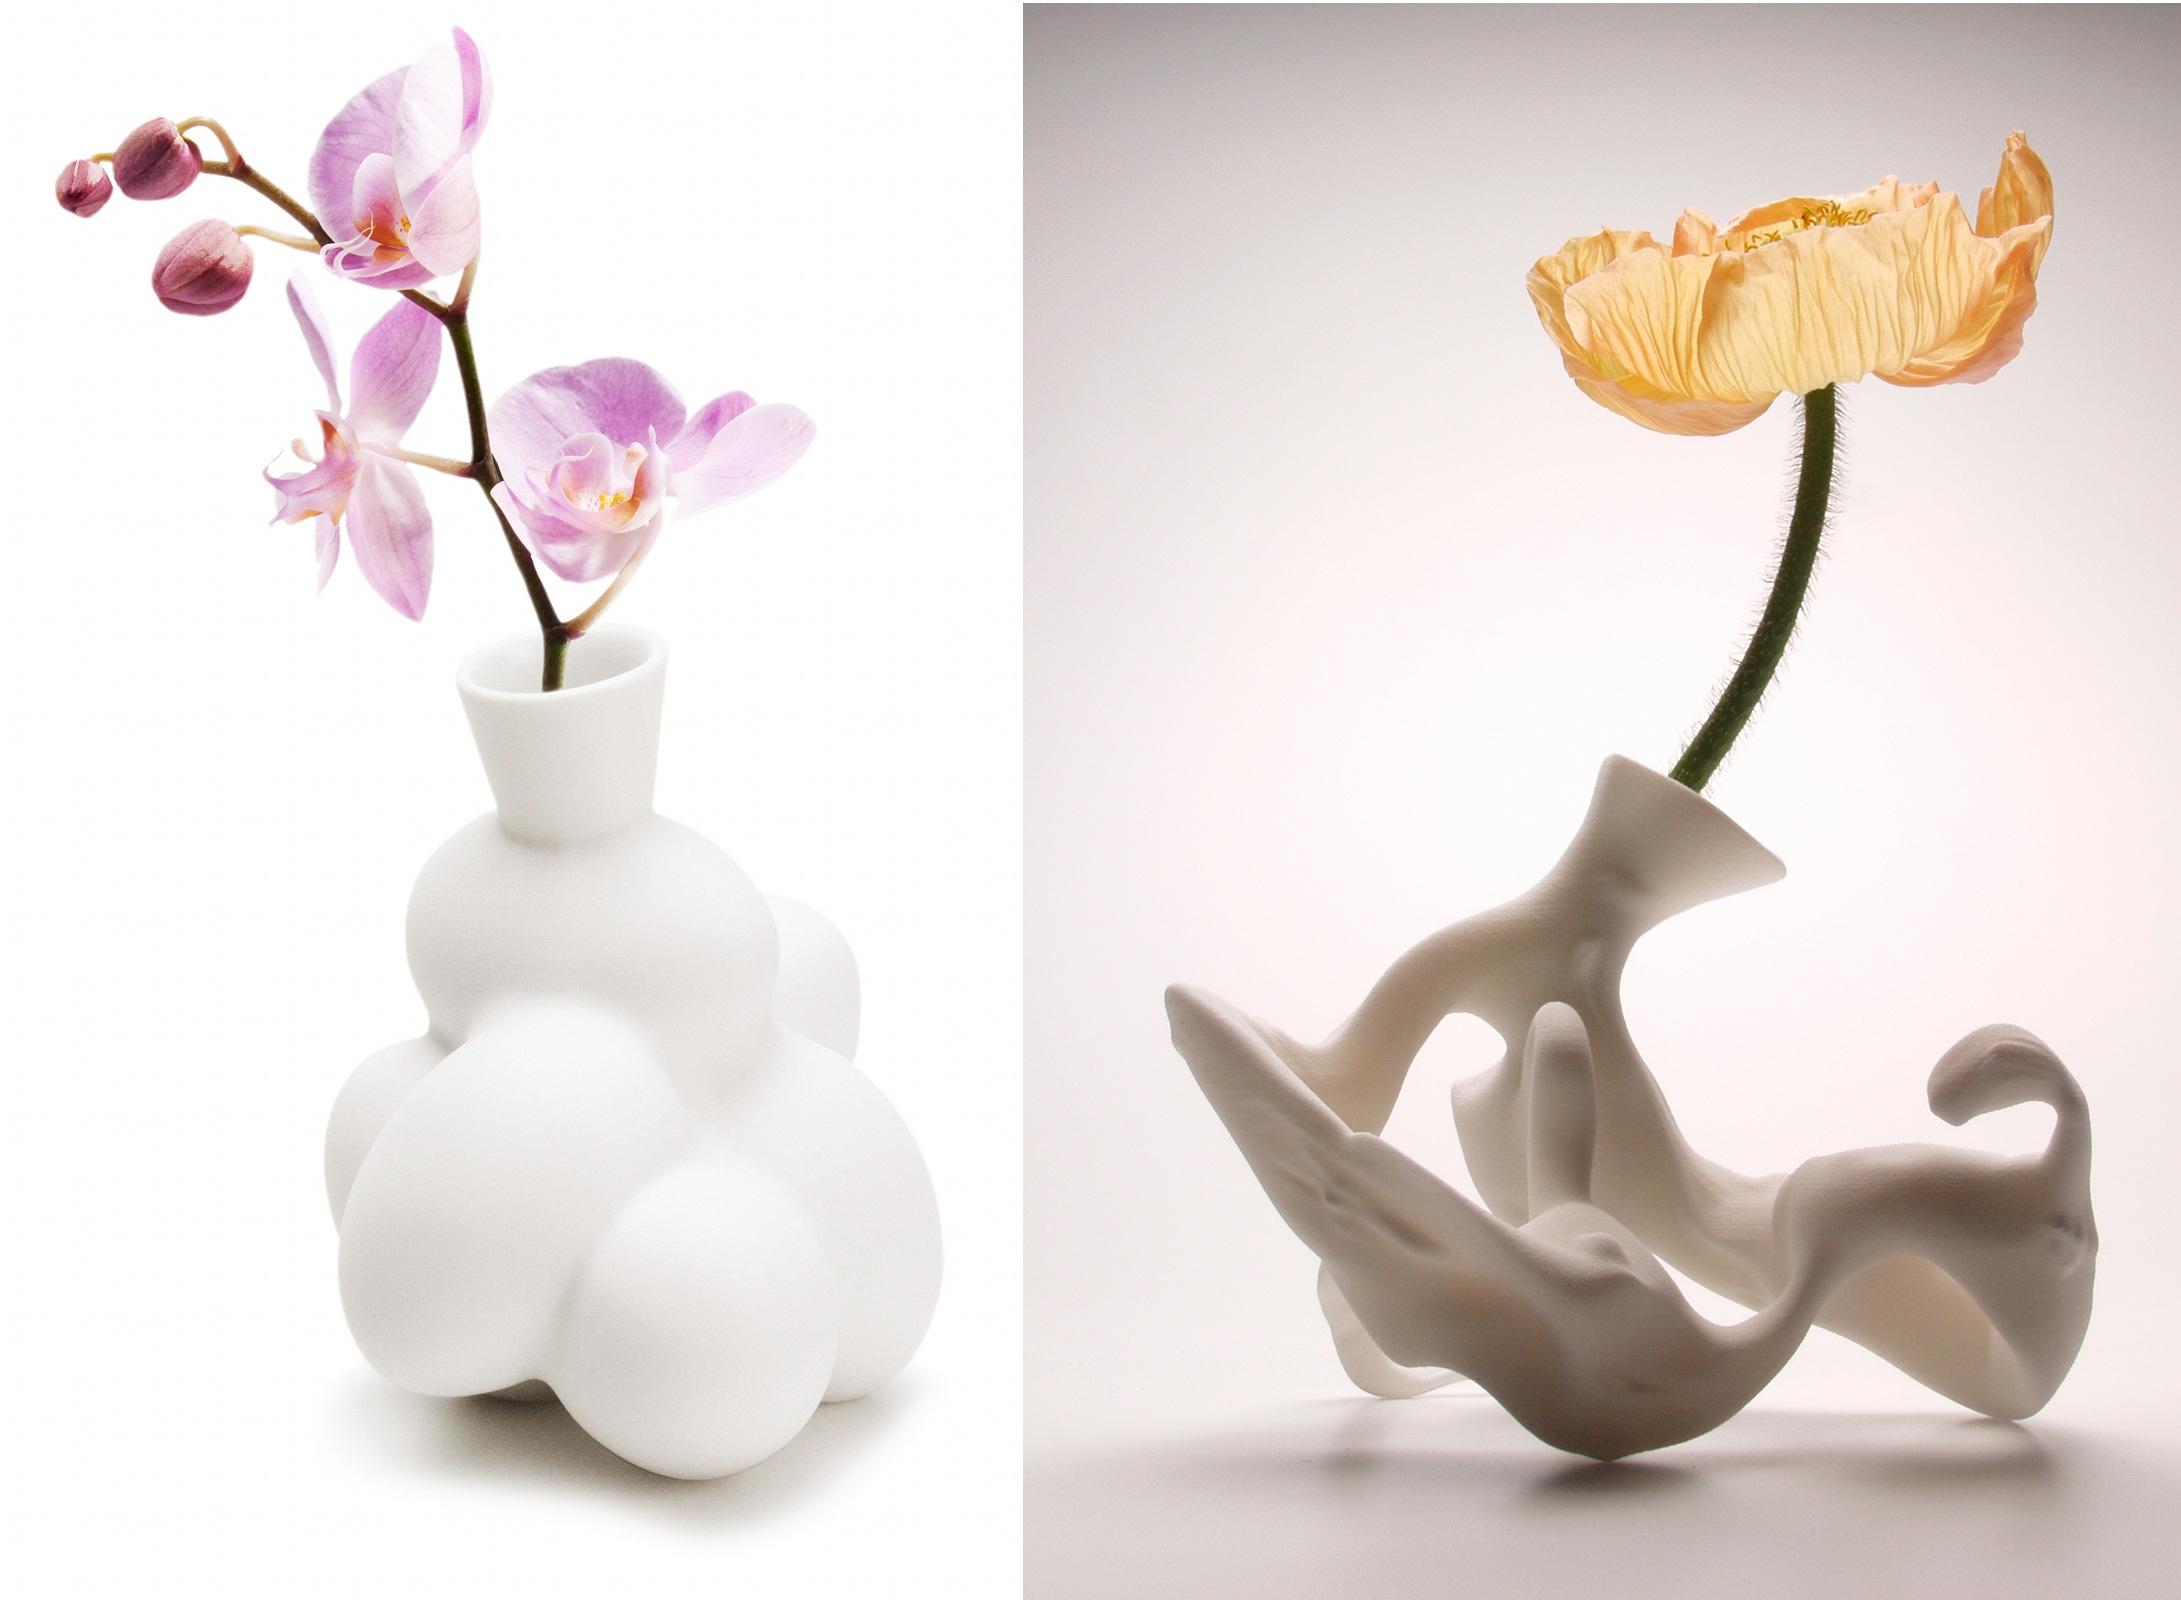 De gauche à droite :@Egg Vase (1997)@et Airborne Snotty Vase :@Pollinosis (2001)